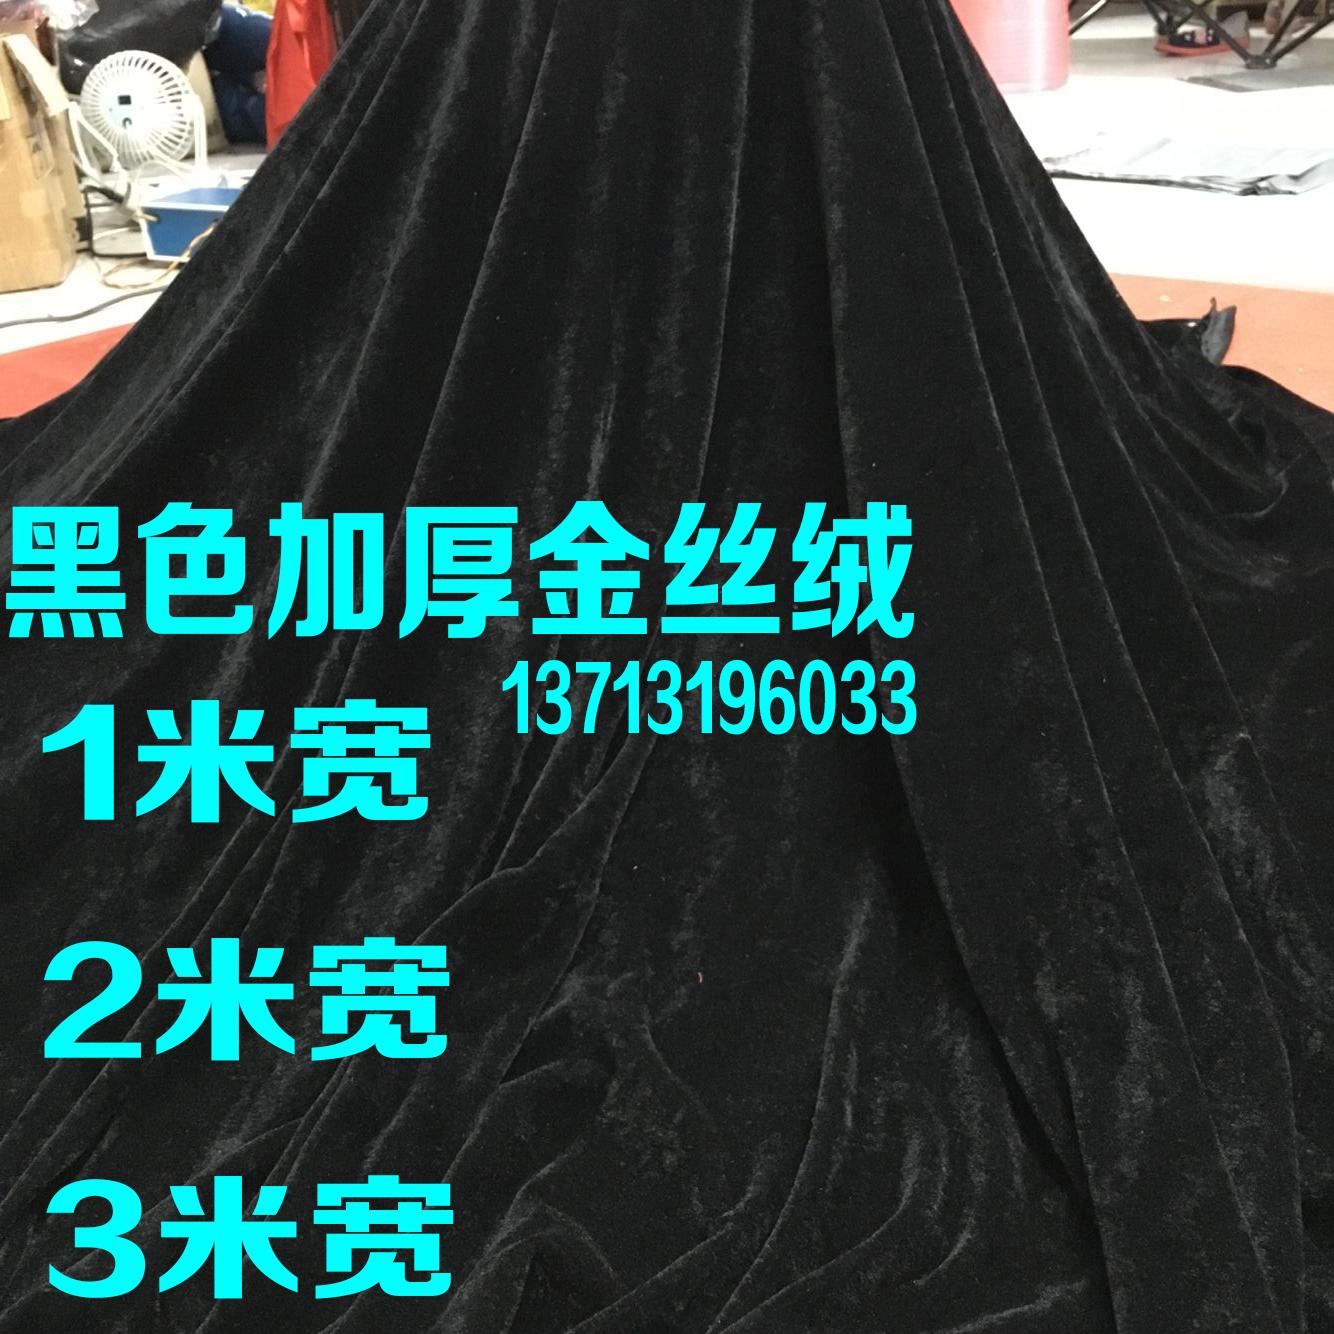 黑色优质金丝绒布料 密丝绒 会议桌台布舞台背景幕布装饰展示面料